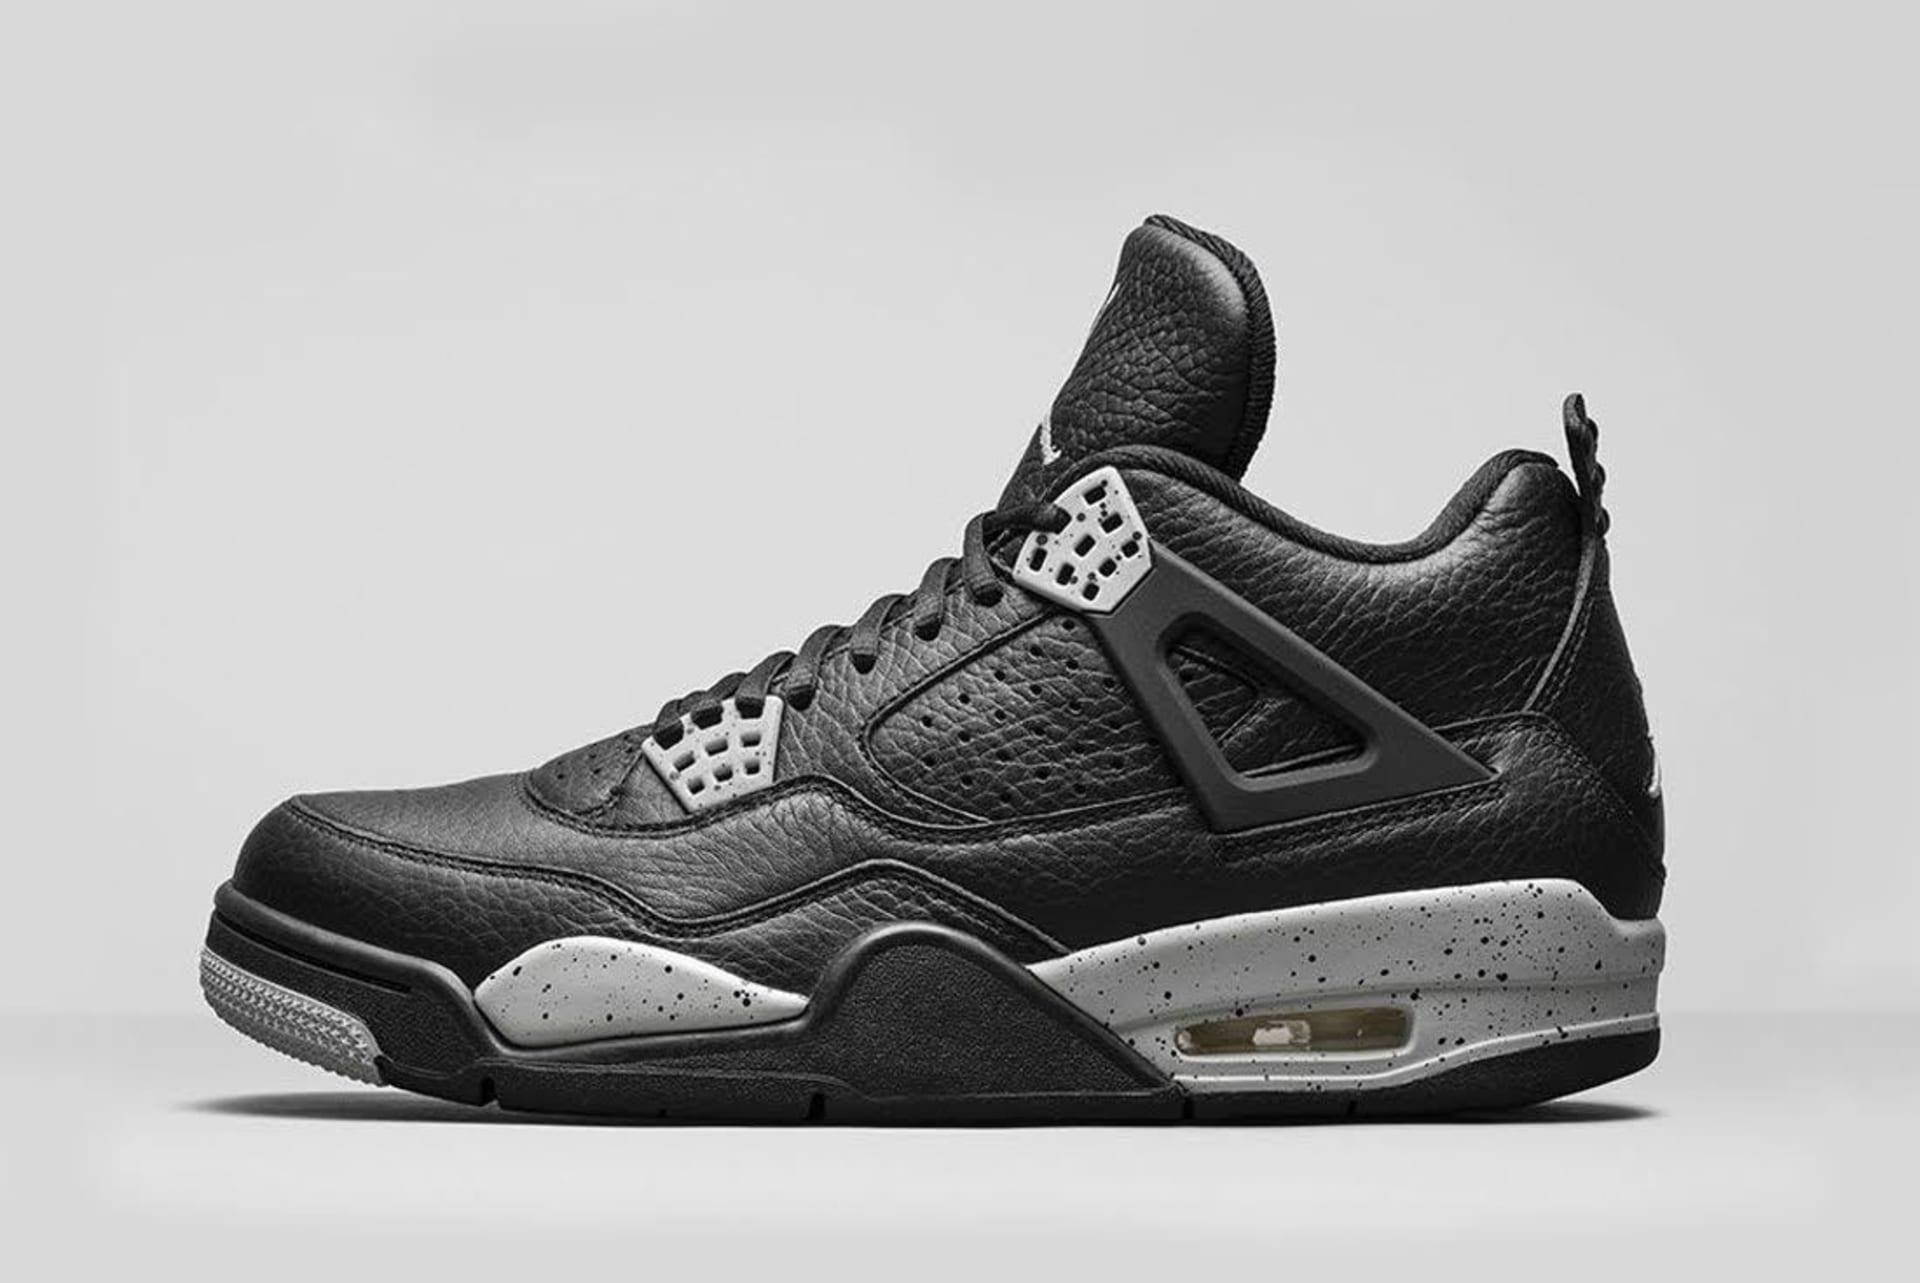 47c8c84c1a1 The Best Jordans of 2015 | Complex